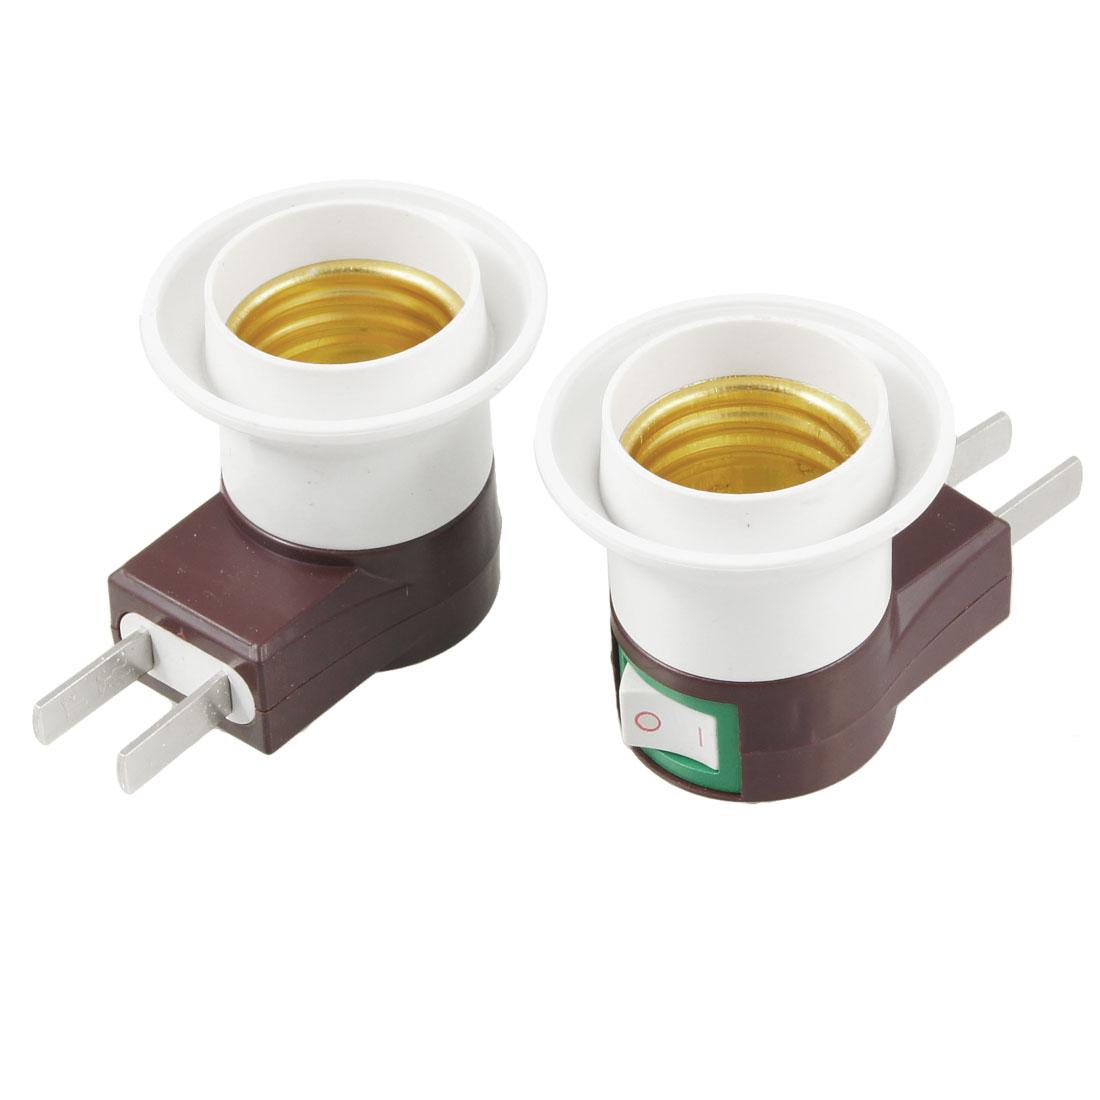 2 Pcs E27 Screw Type Boat Switch Design Light Bulb Lamp Socket 250V 50Hz